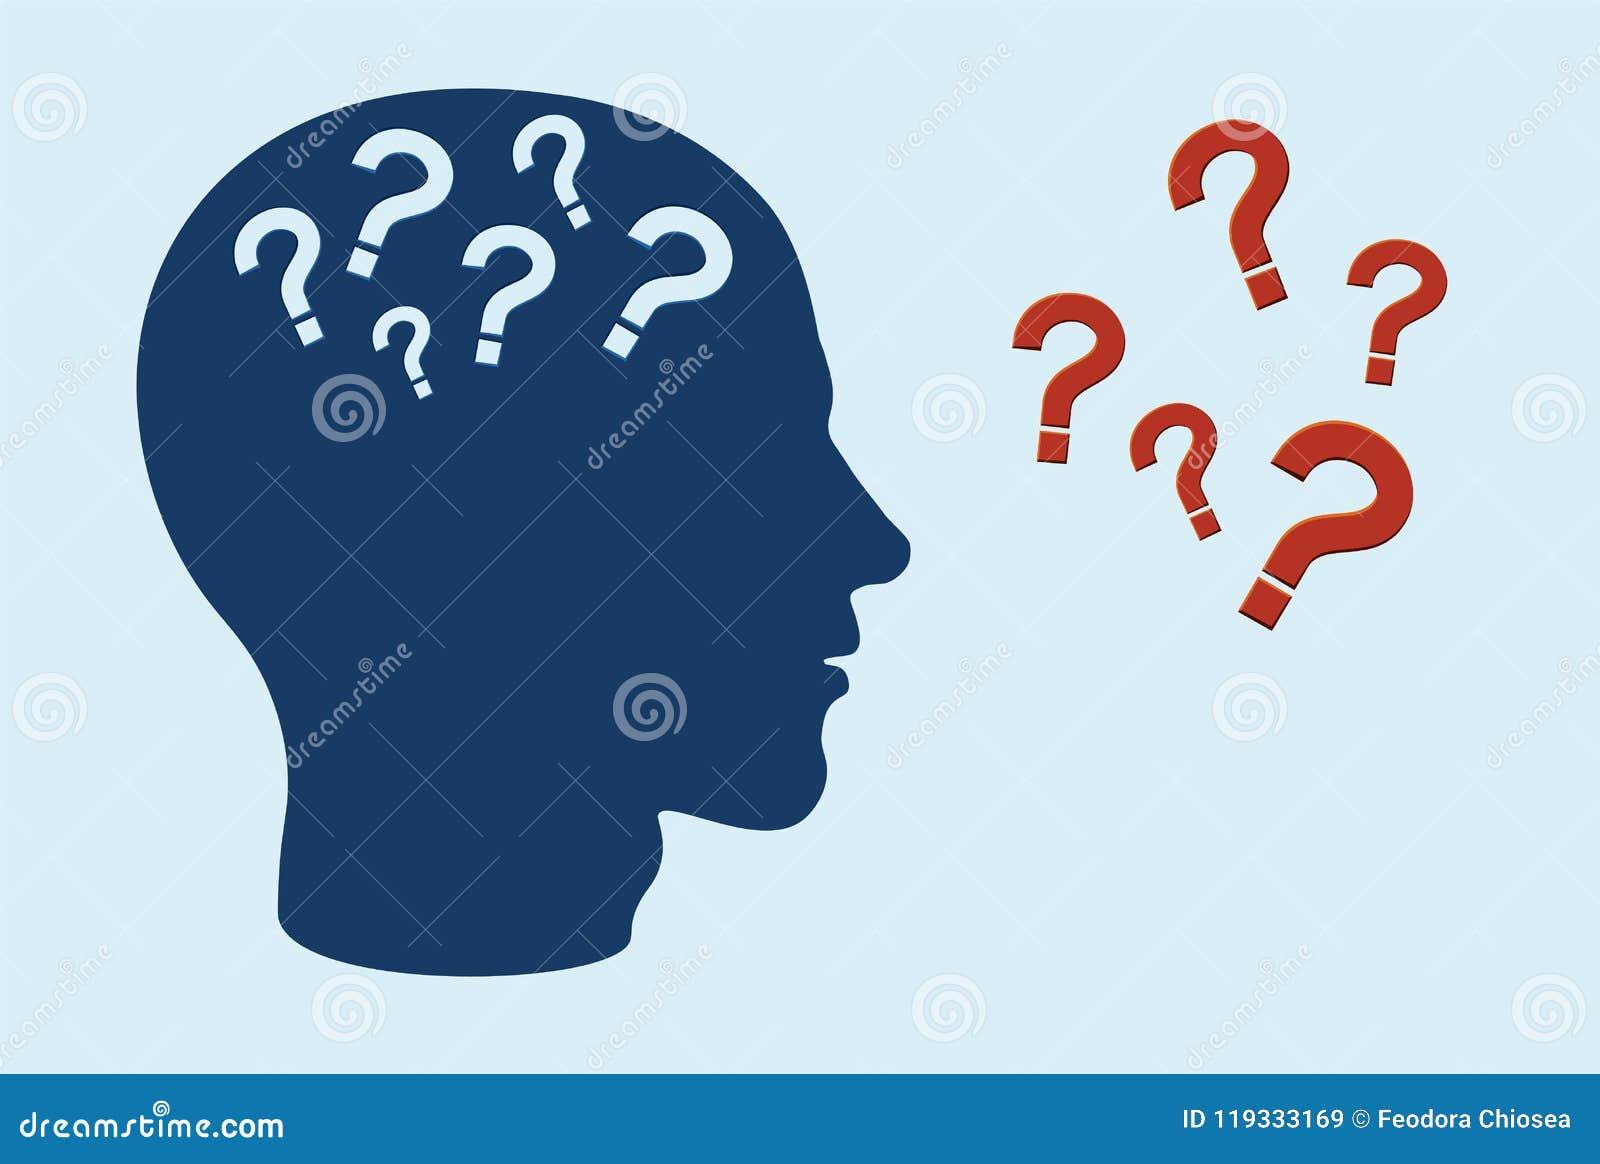 Poznawczy funkci nadszarpnięcia pojęcie Boczny profil ludzka głowa z znakami zapytania